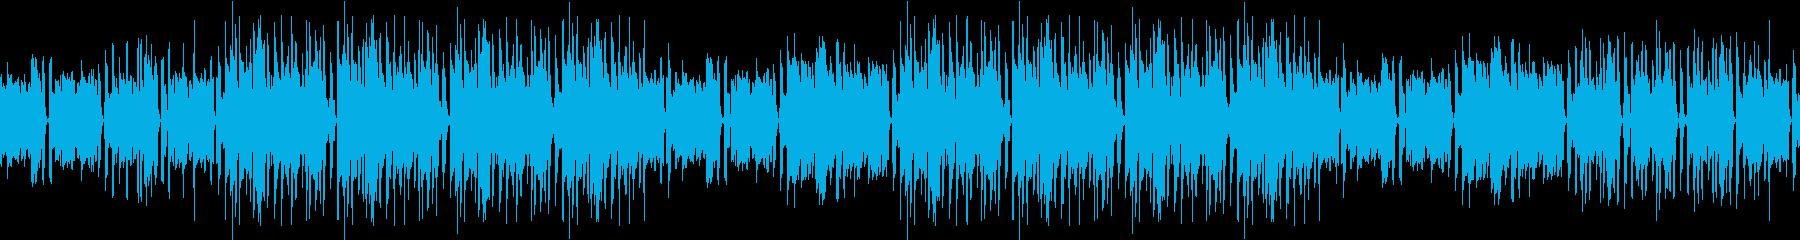 ギター・感動・エモ・青春・ループ・センチの再生済みの波形